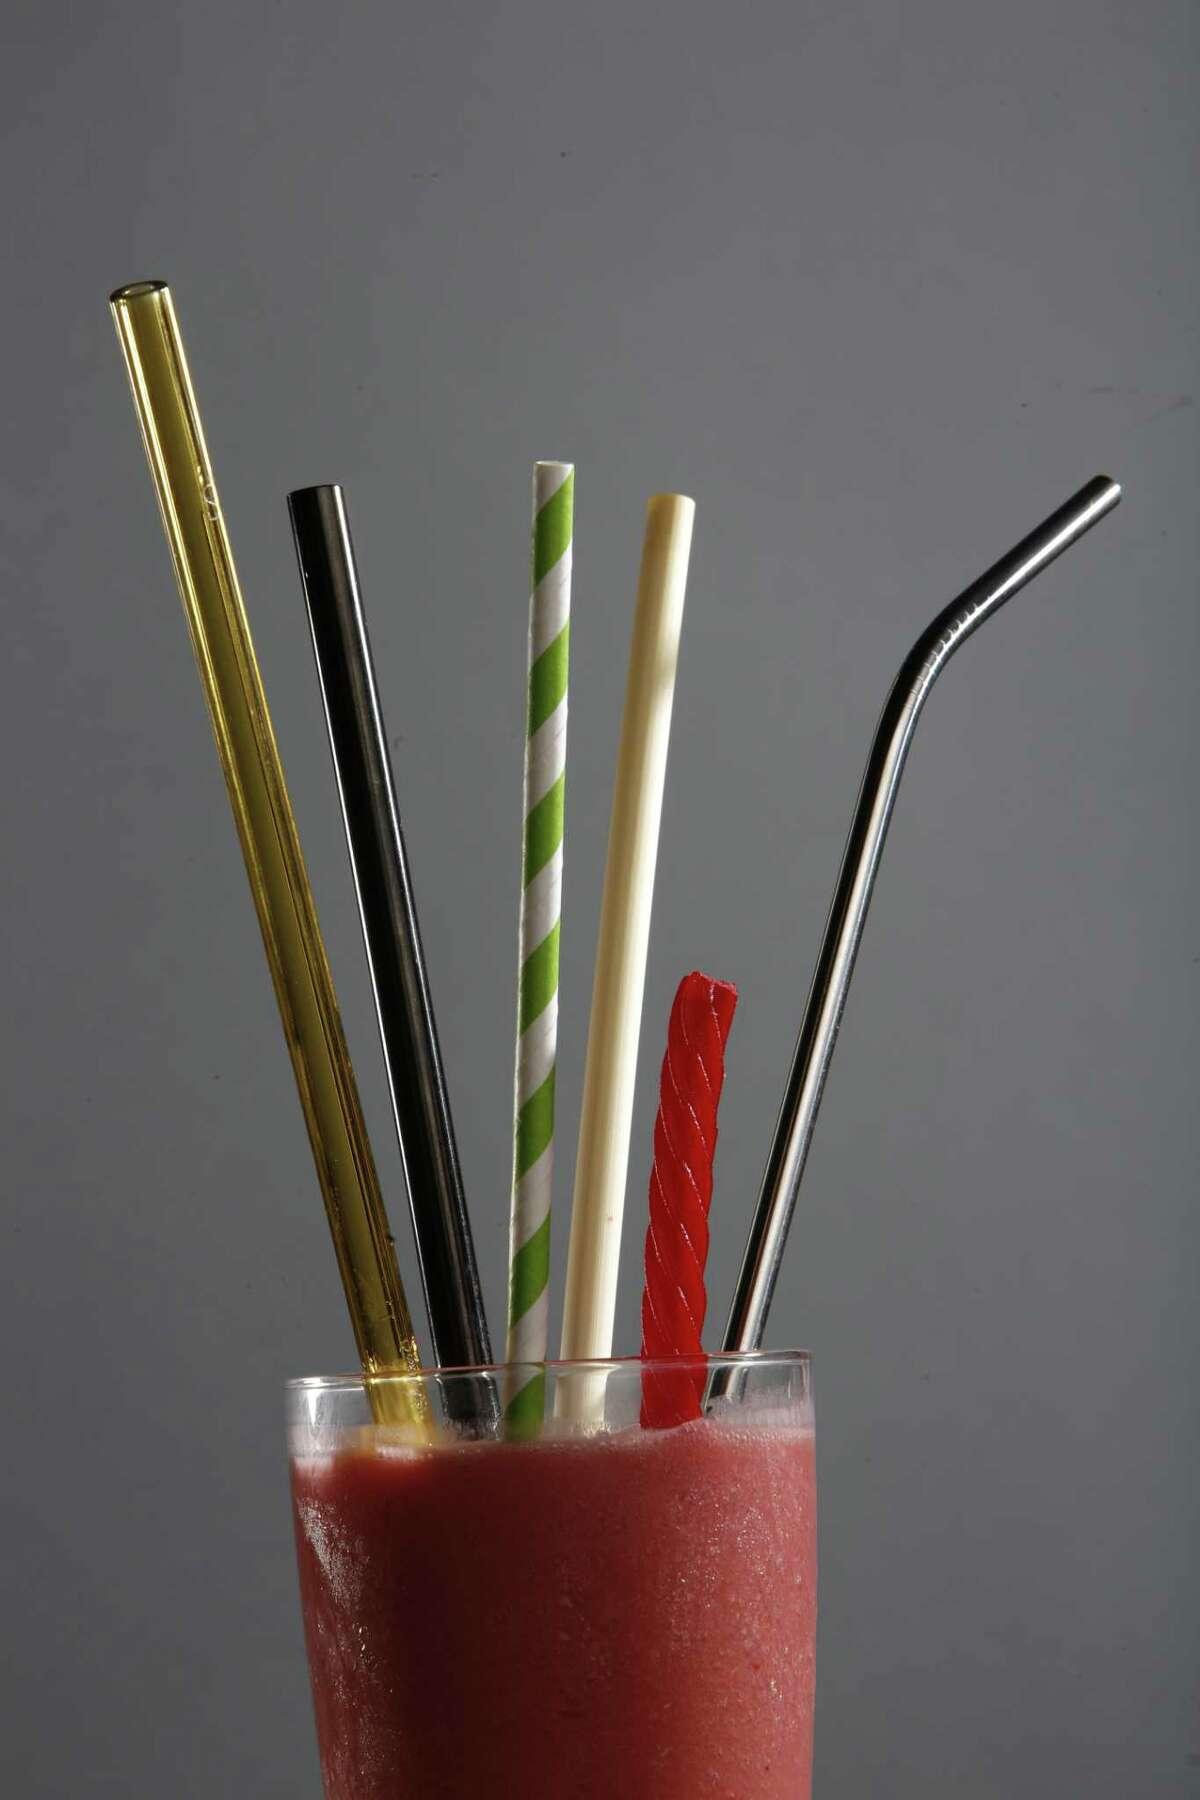 Alternatives to plastic straws.